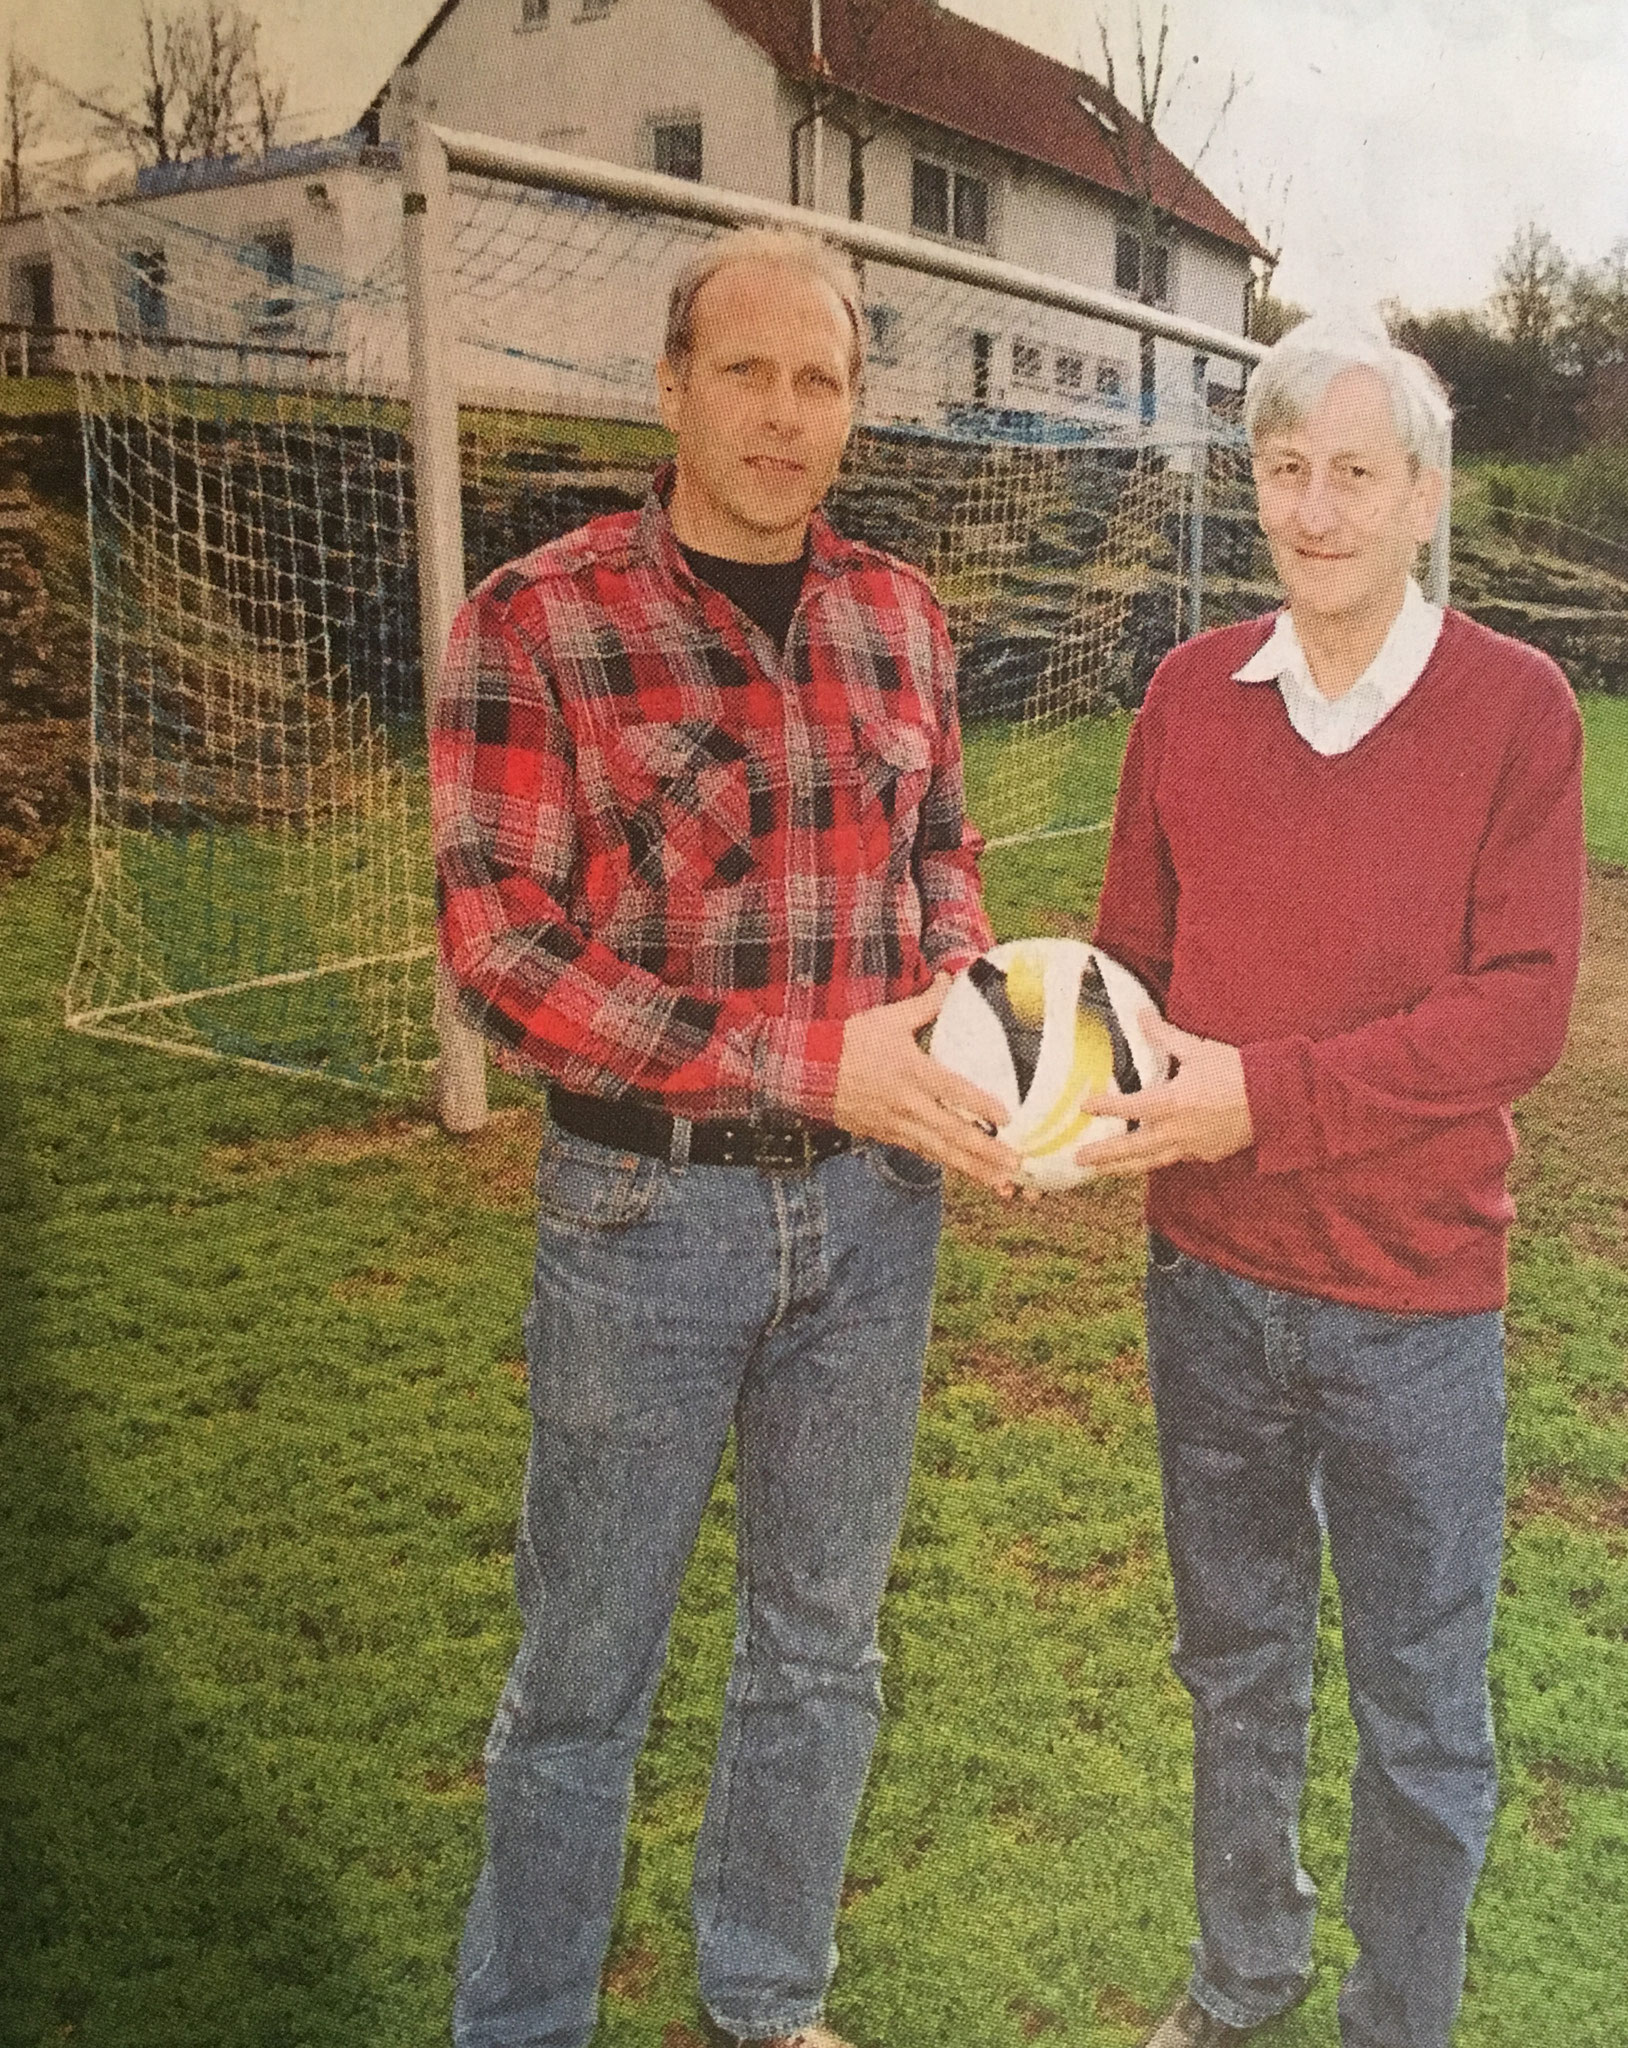 Die symbolische Ball-Übergabe zwischen dem jetzigen Ehrenvorsitzenden, Günther Dietz, und Hans-Peter Lintl